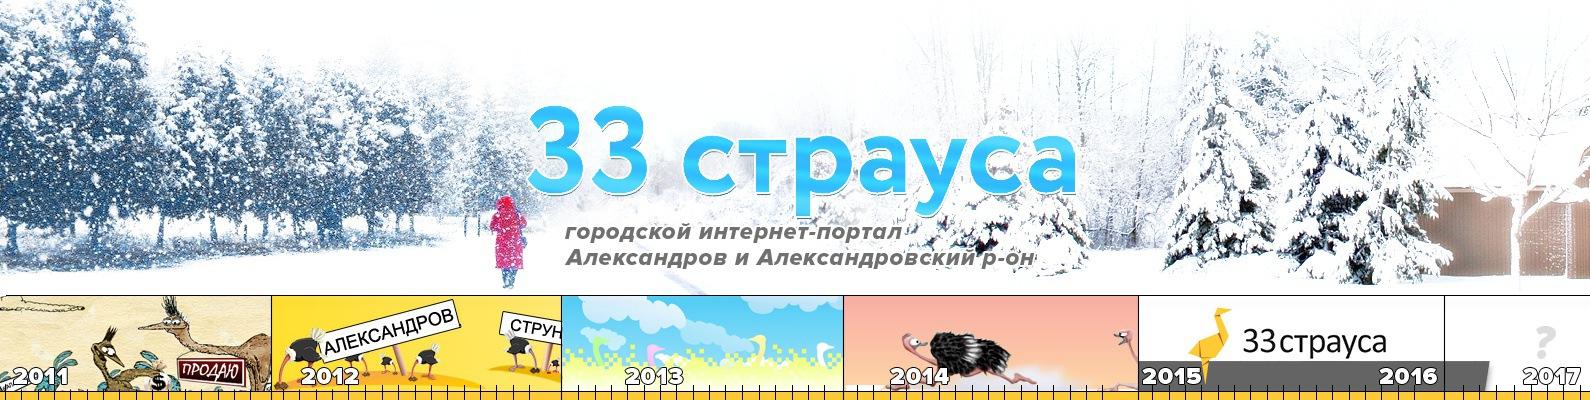 Работа в александрове свежие вакансии 33 страуса размещение объявлений в газете махачкала